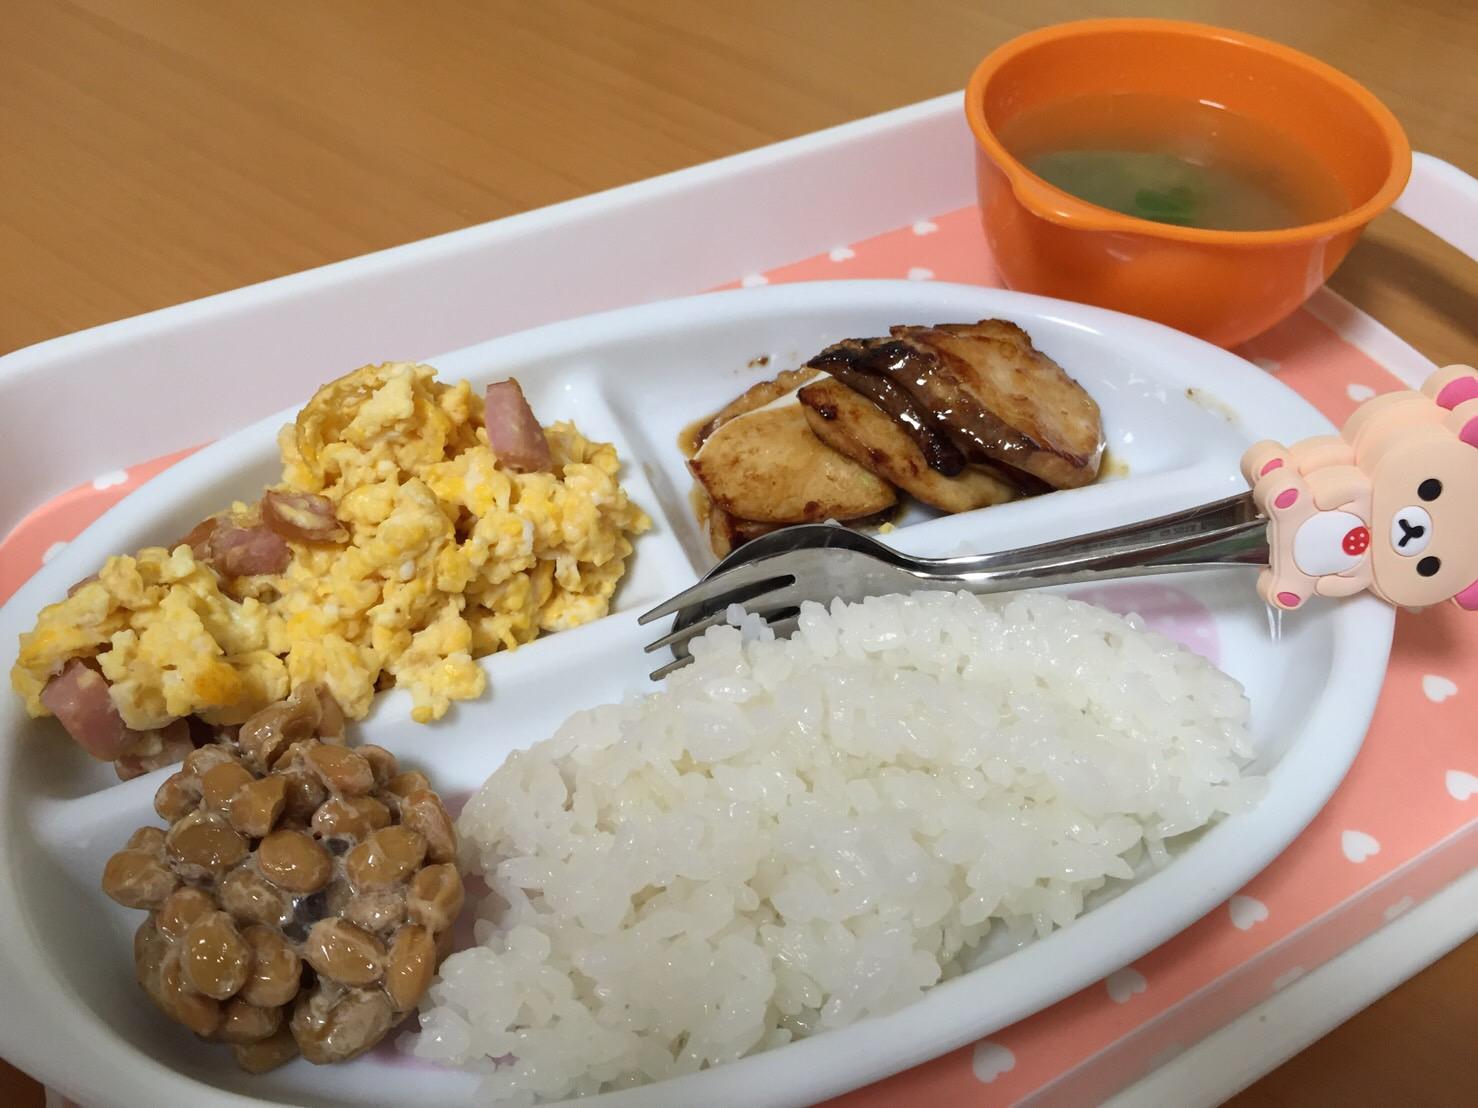 ブリテリ&魚肉ソーセージの離乳食.jpeg